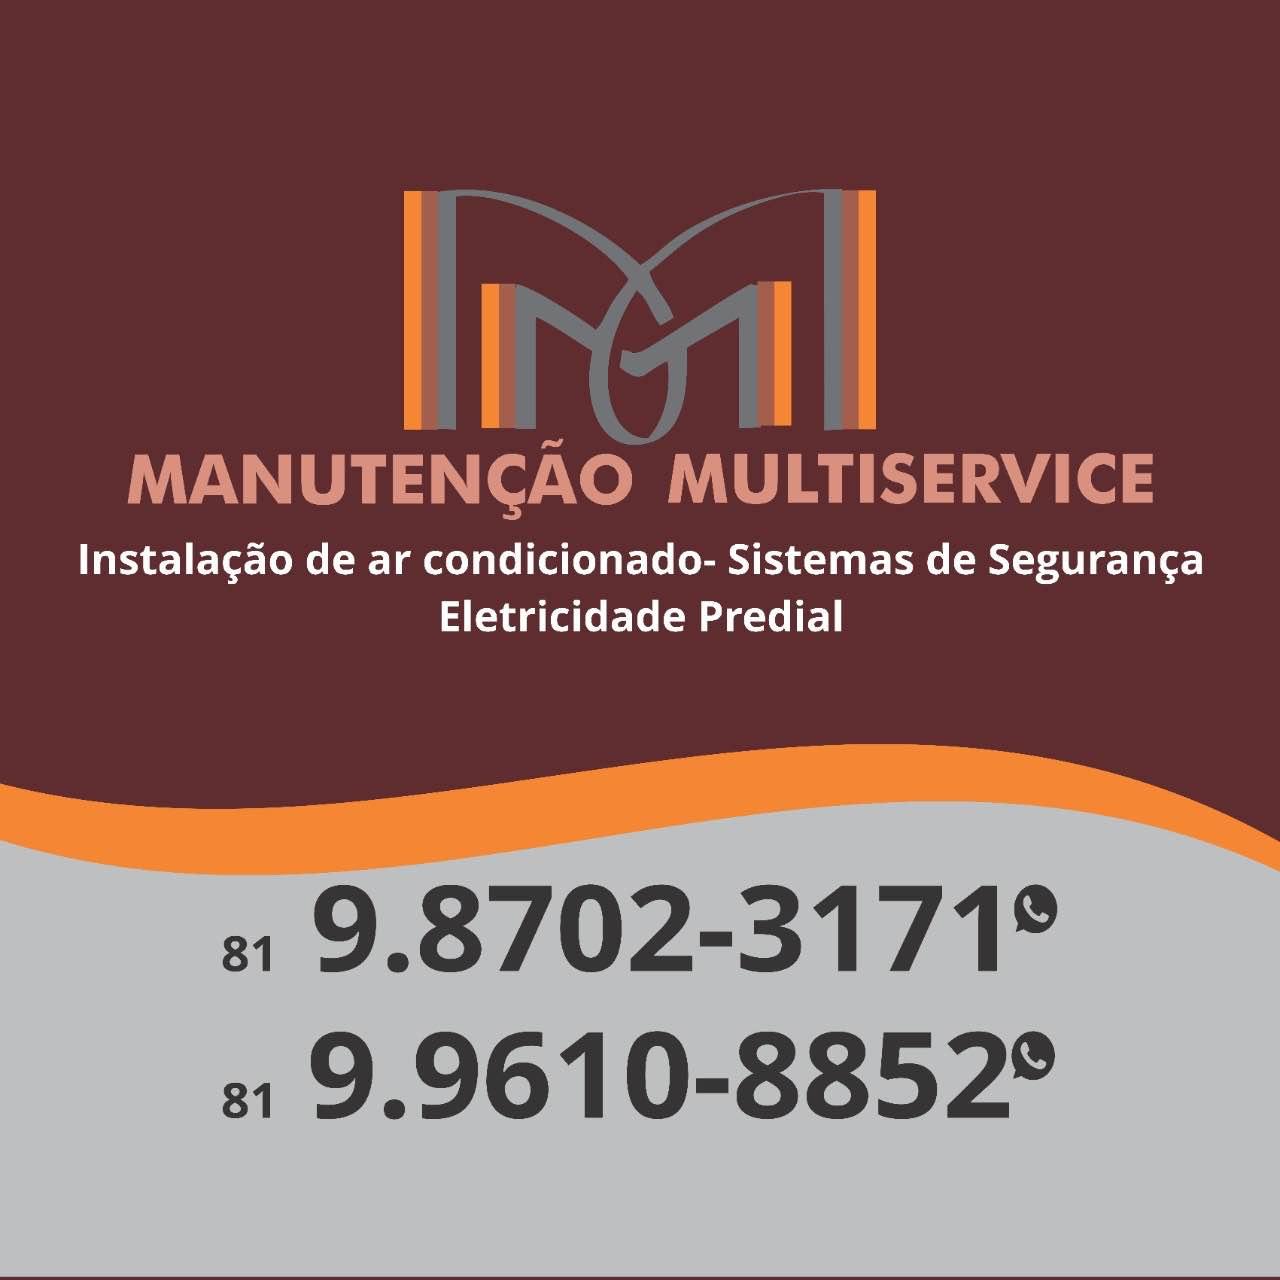 Manutenção Multiservice